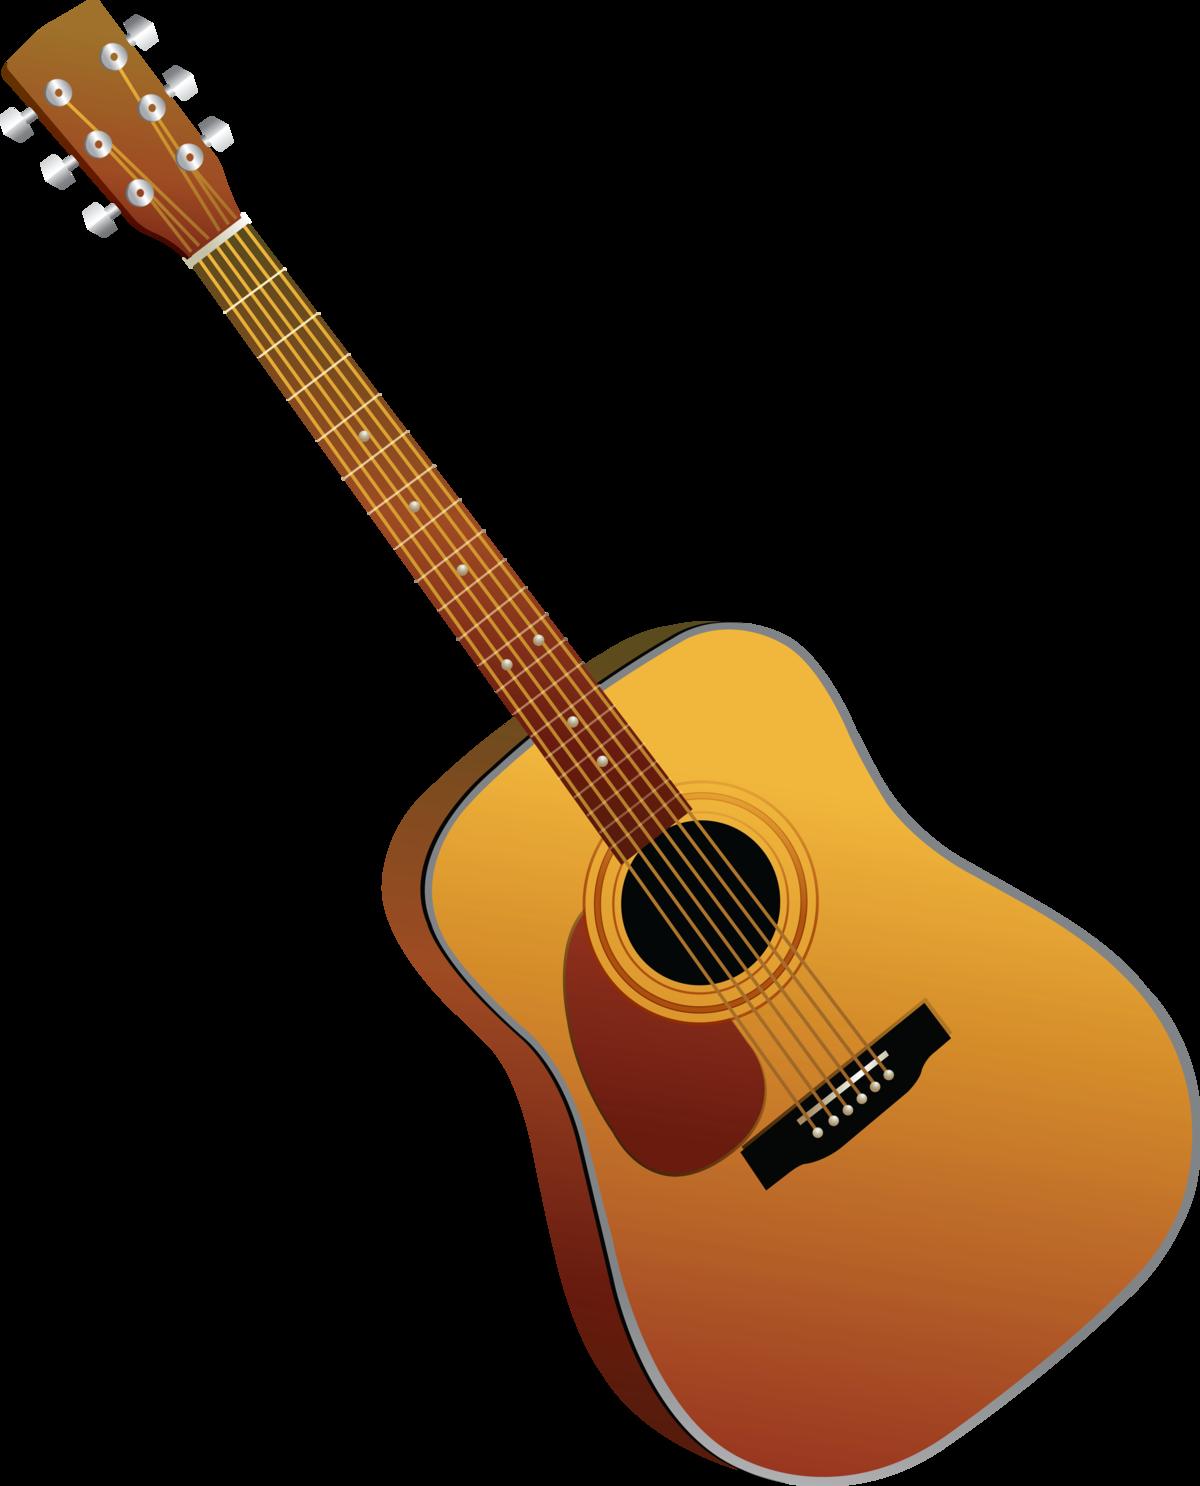 Выходные, картинки гитара для детей нарисованные